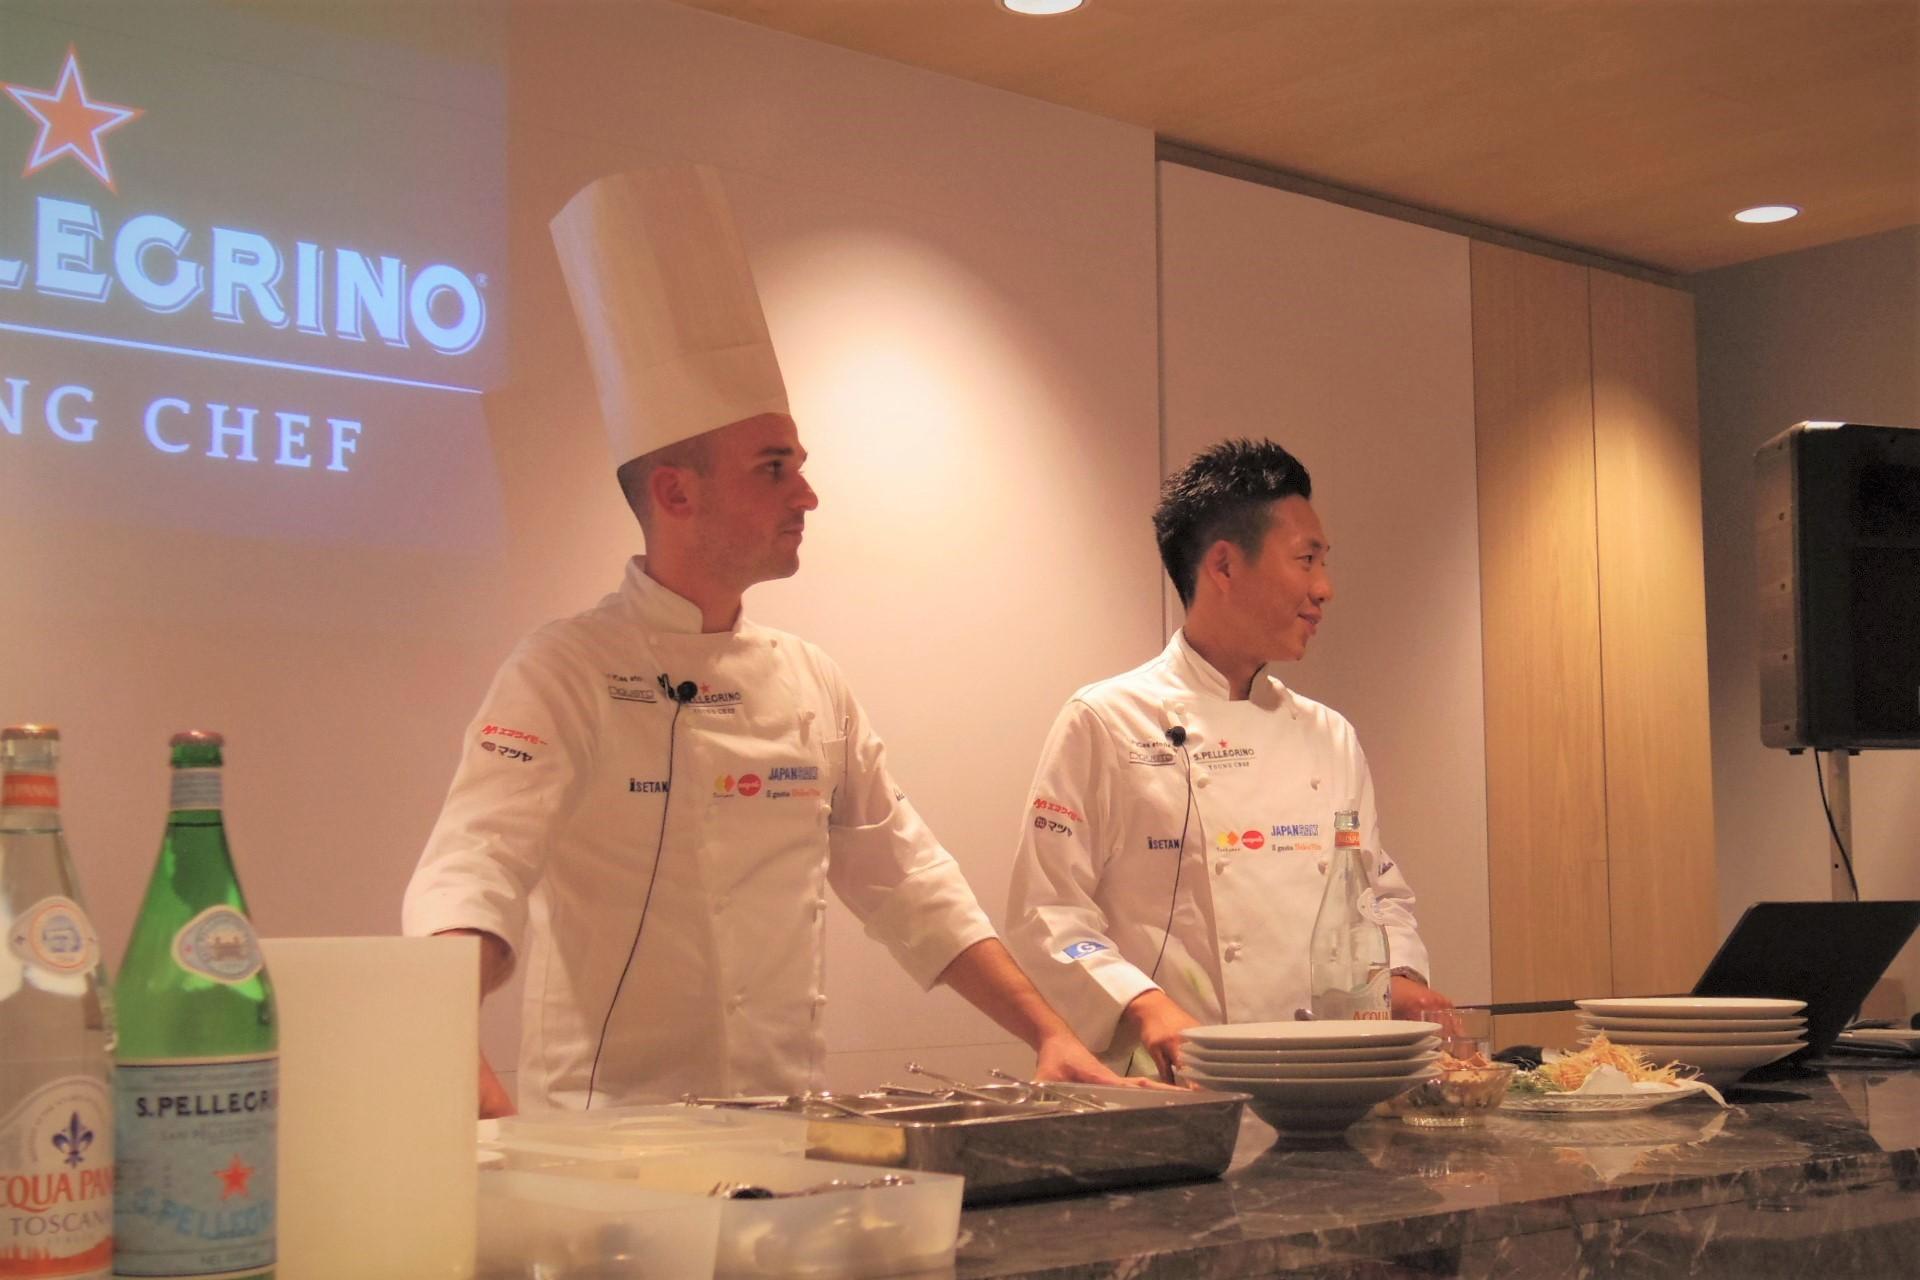 「サンペレグリノ ヤングシェフ」優秀若手シェフの創作性あふれる料理をポップアップレストランで_b0354293_15175085.jpg